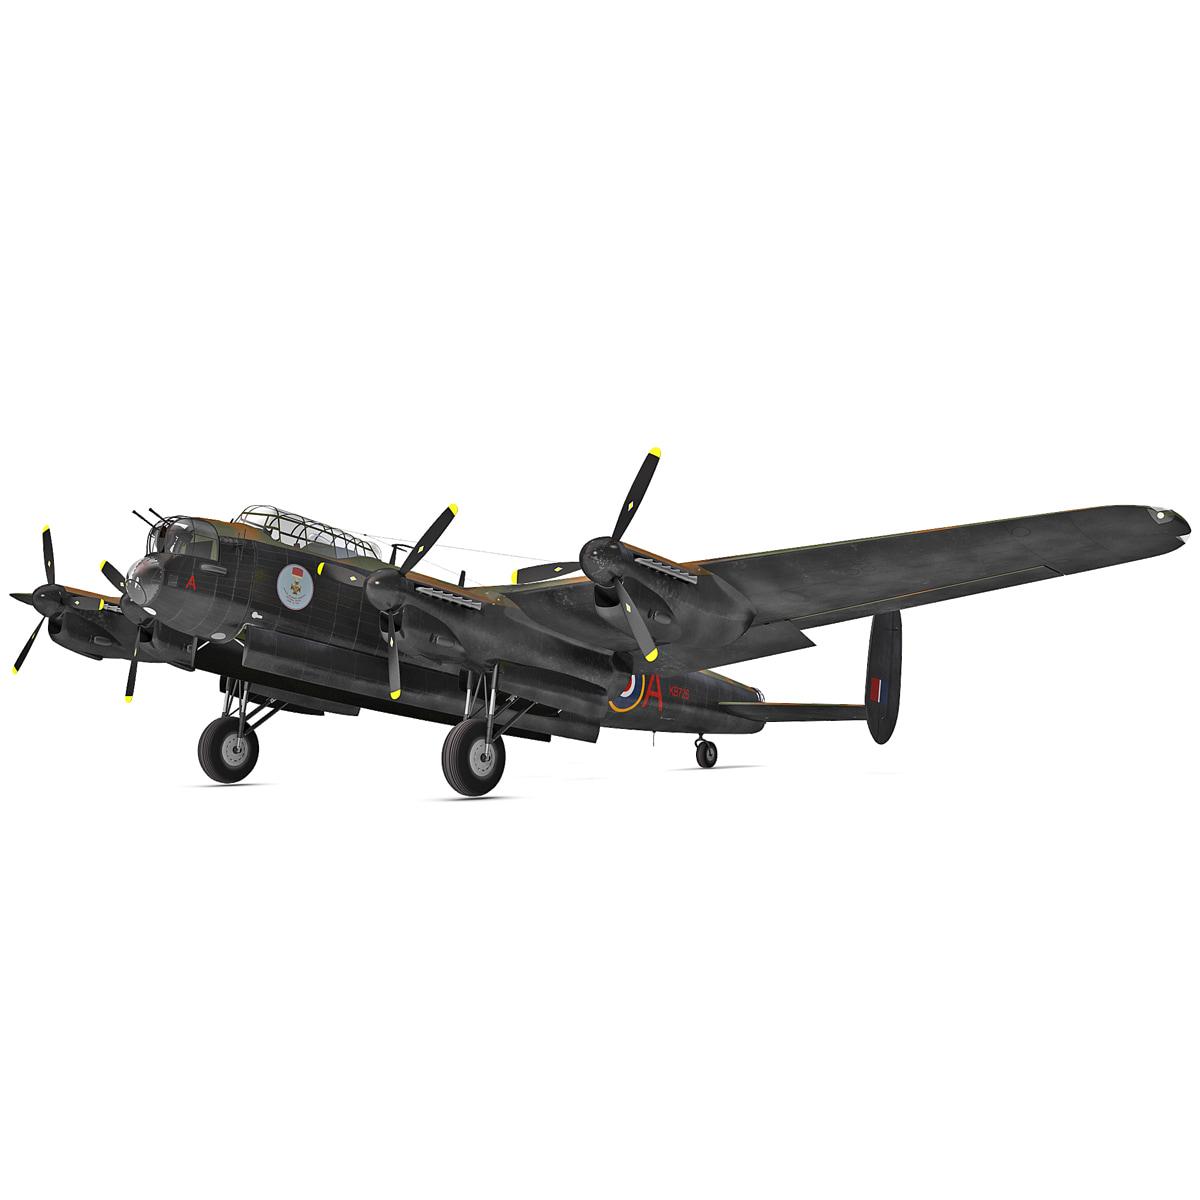 British Heavy Bomber Avro Lancaster_9.jpg